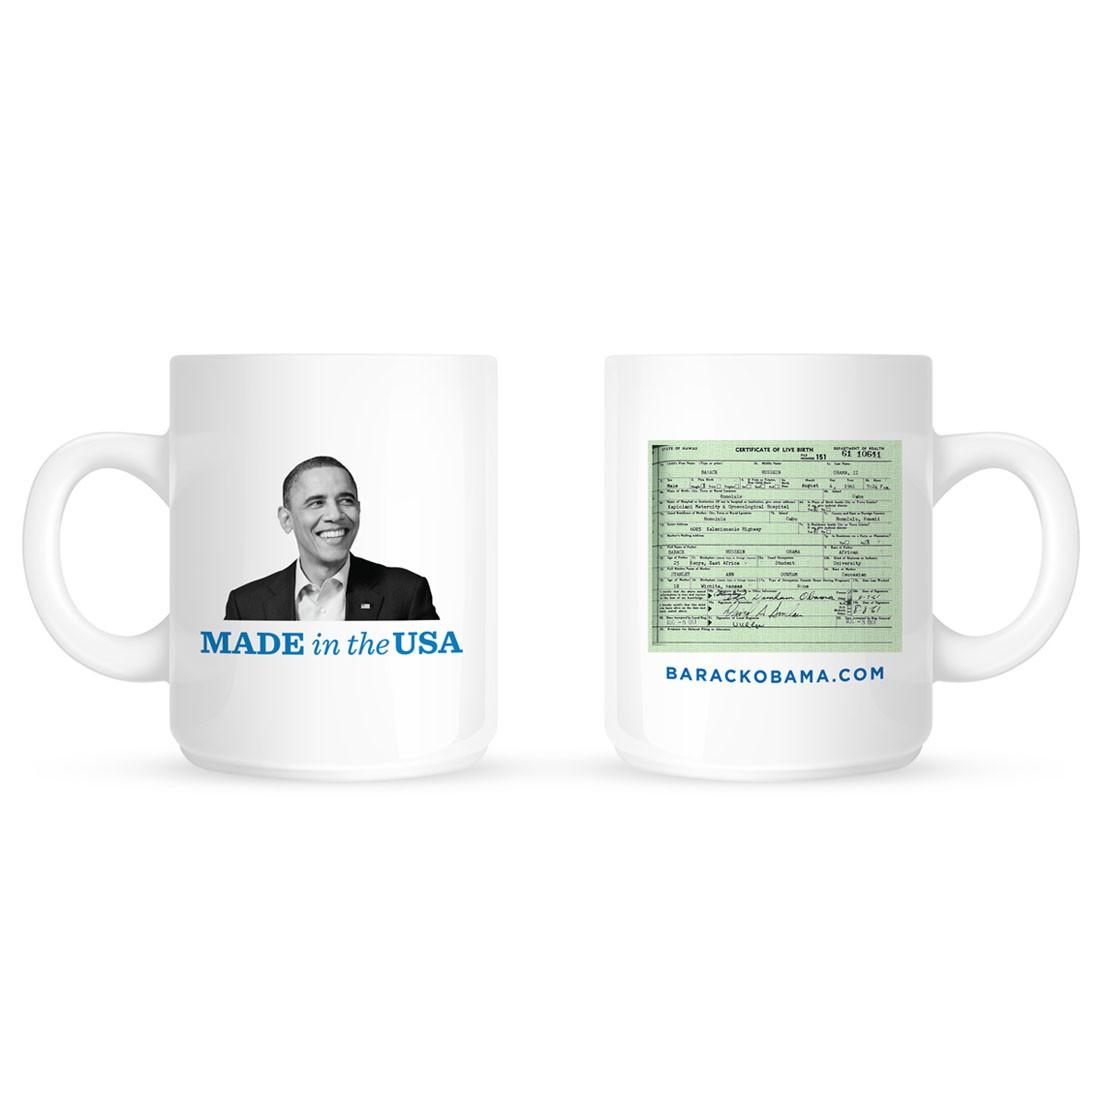 birther mug